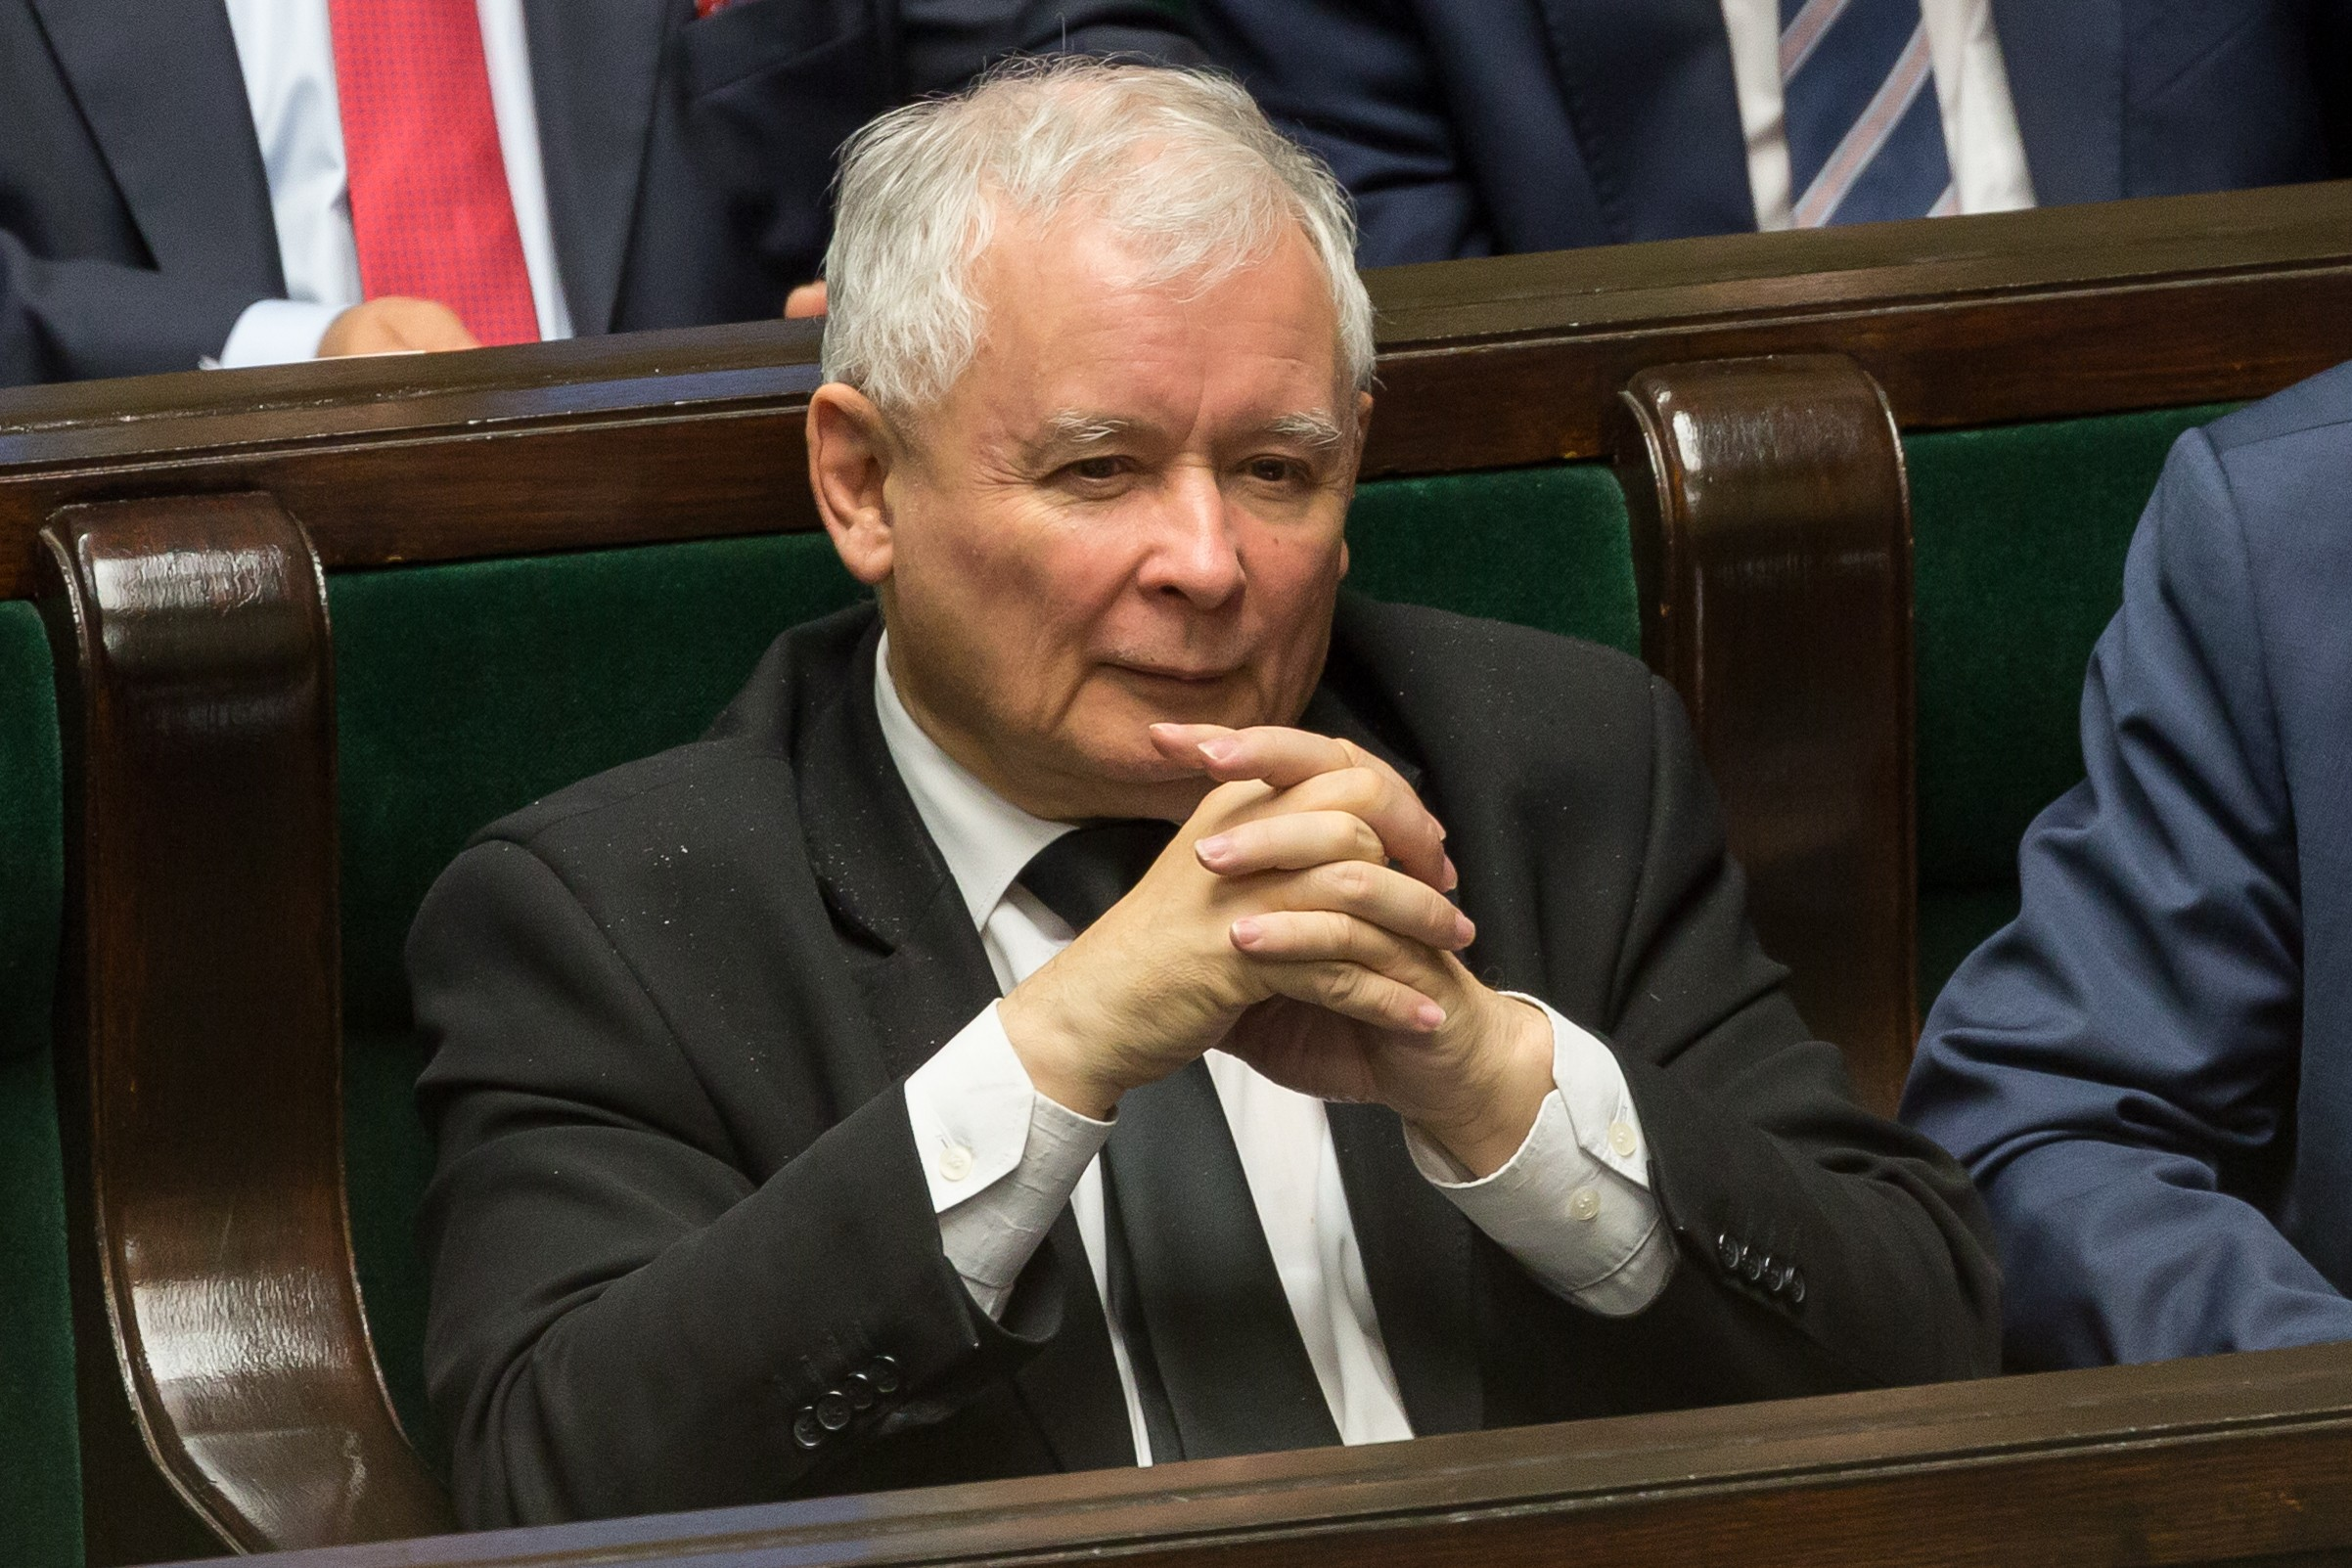 Będzie proces wsprawie orientacji seksualnej Jarosława Kaczyńskiego